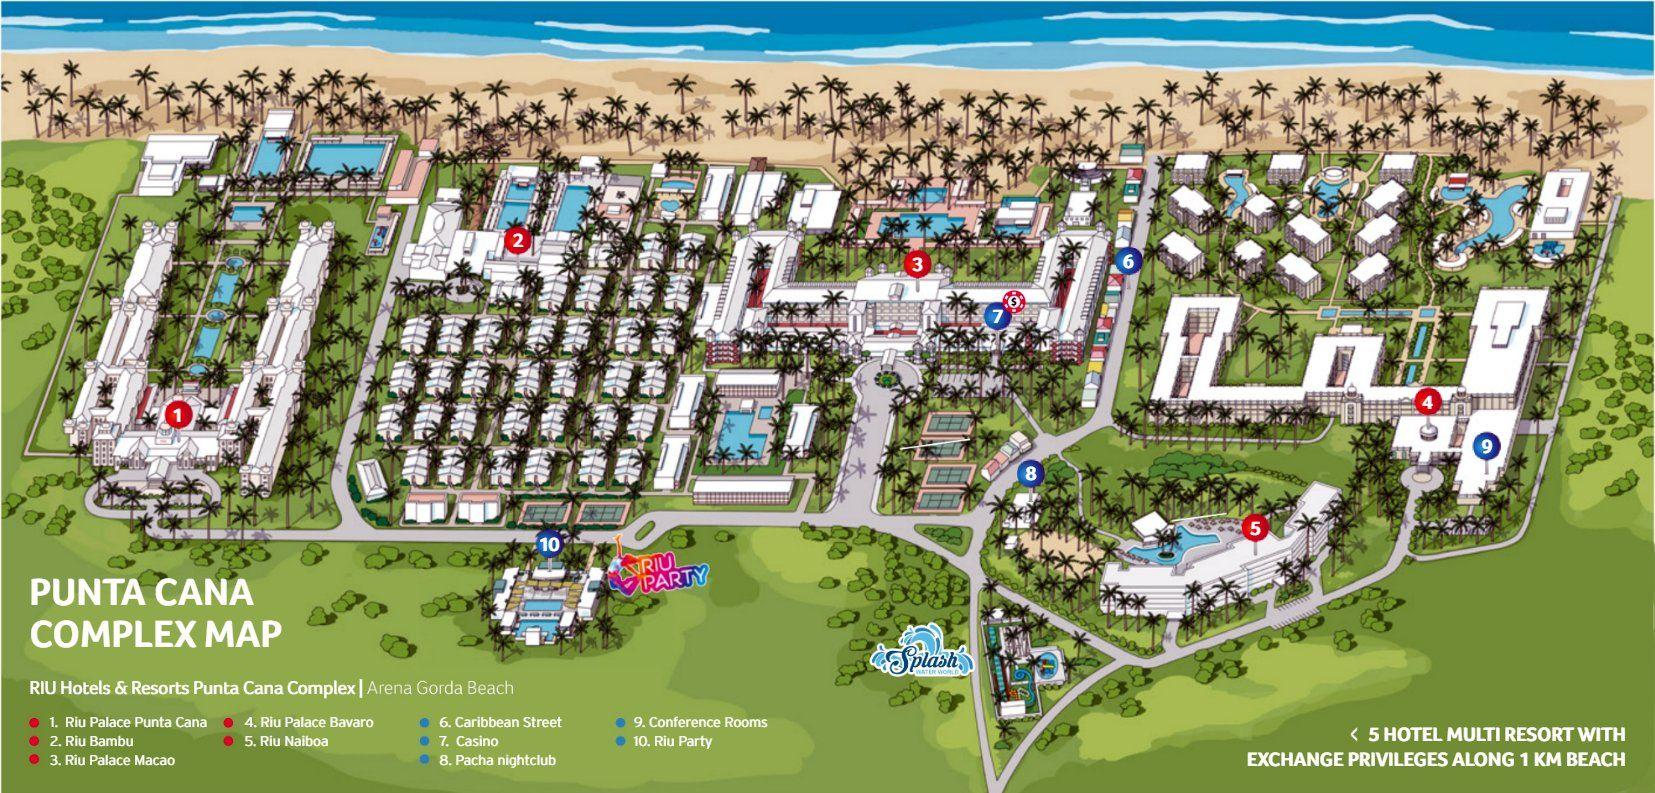 Complejo Resort Riu Hoteles Punta Cana Plano y Mapa